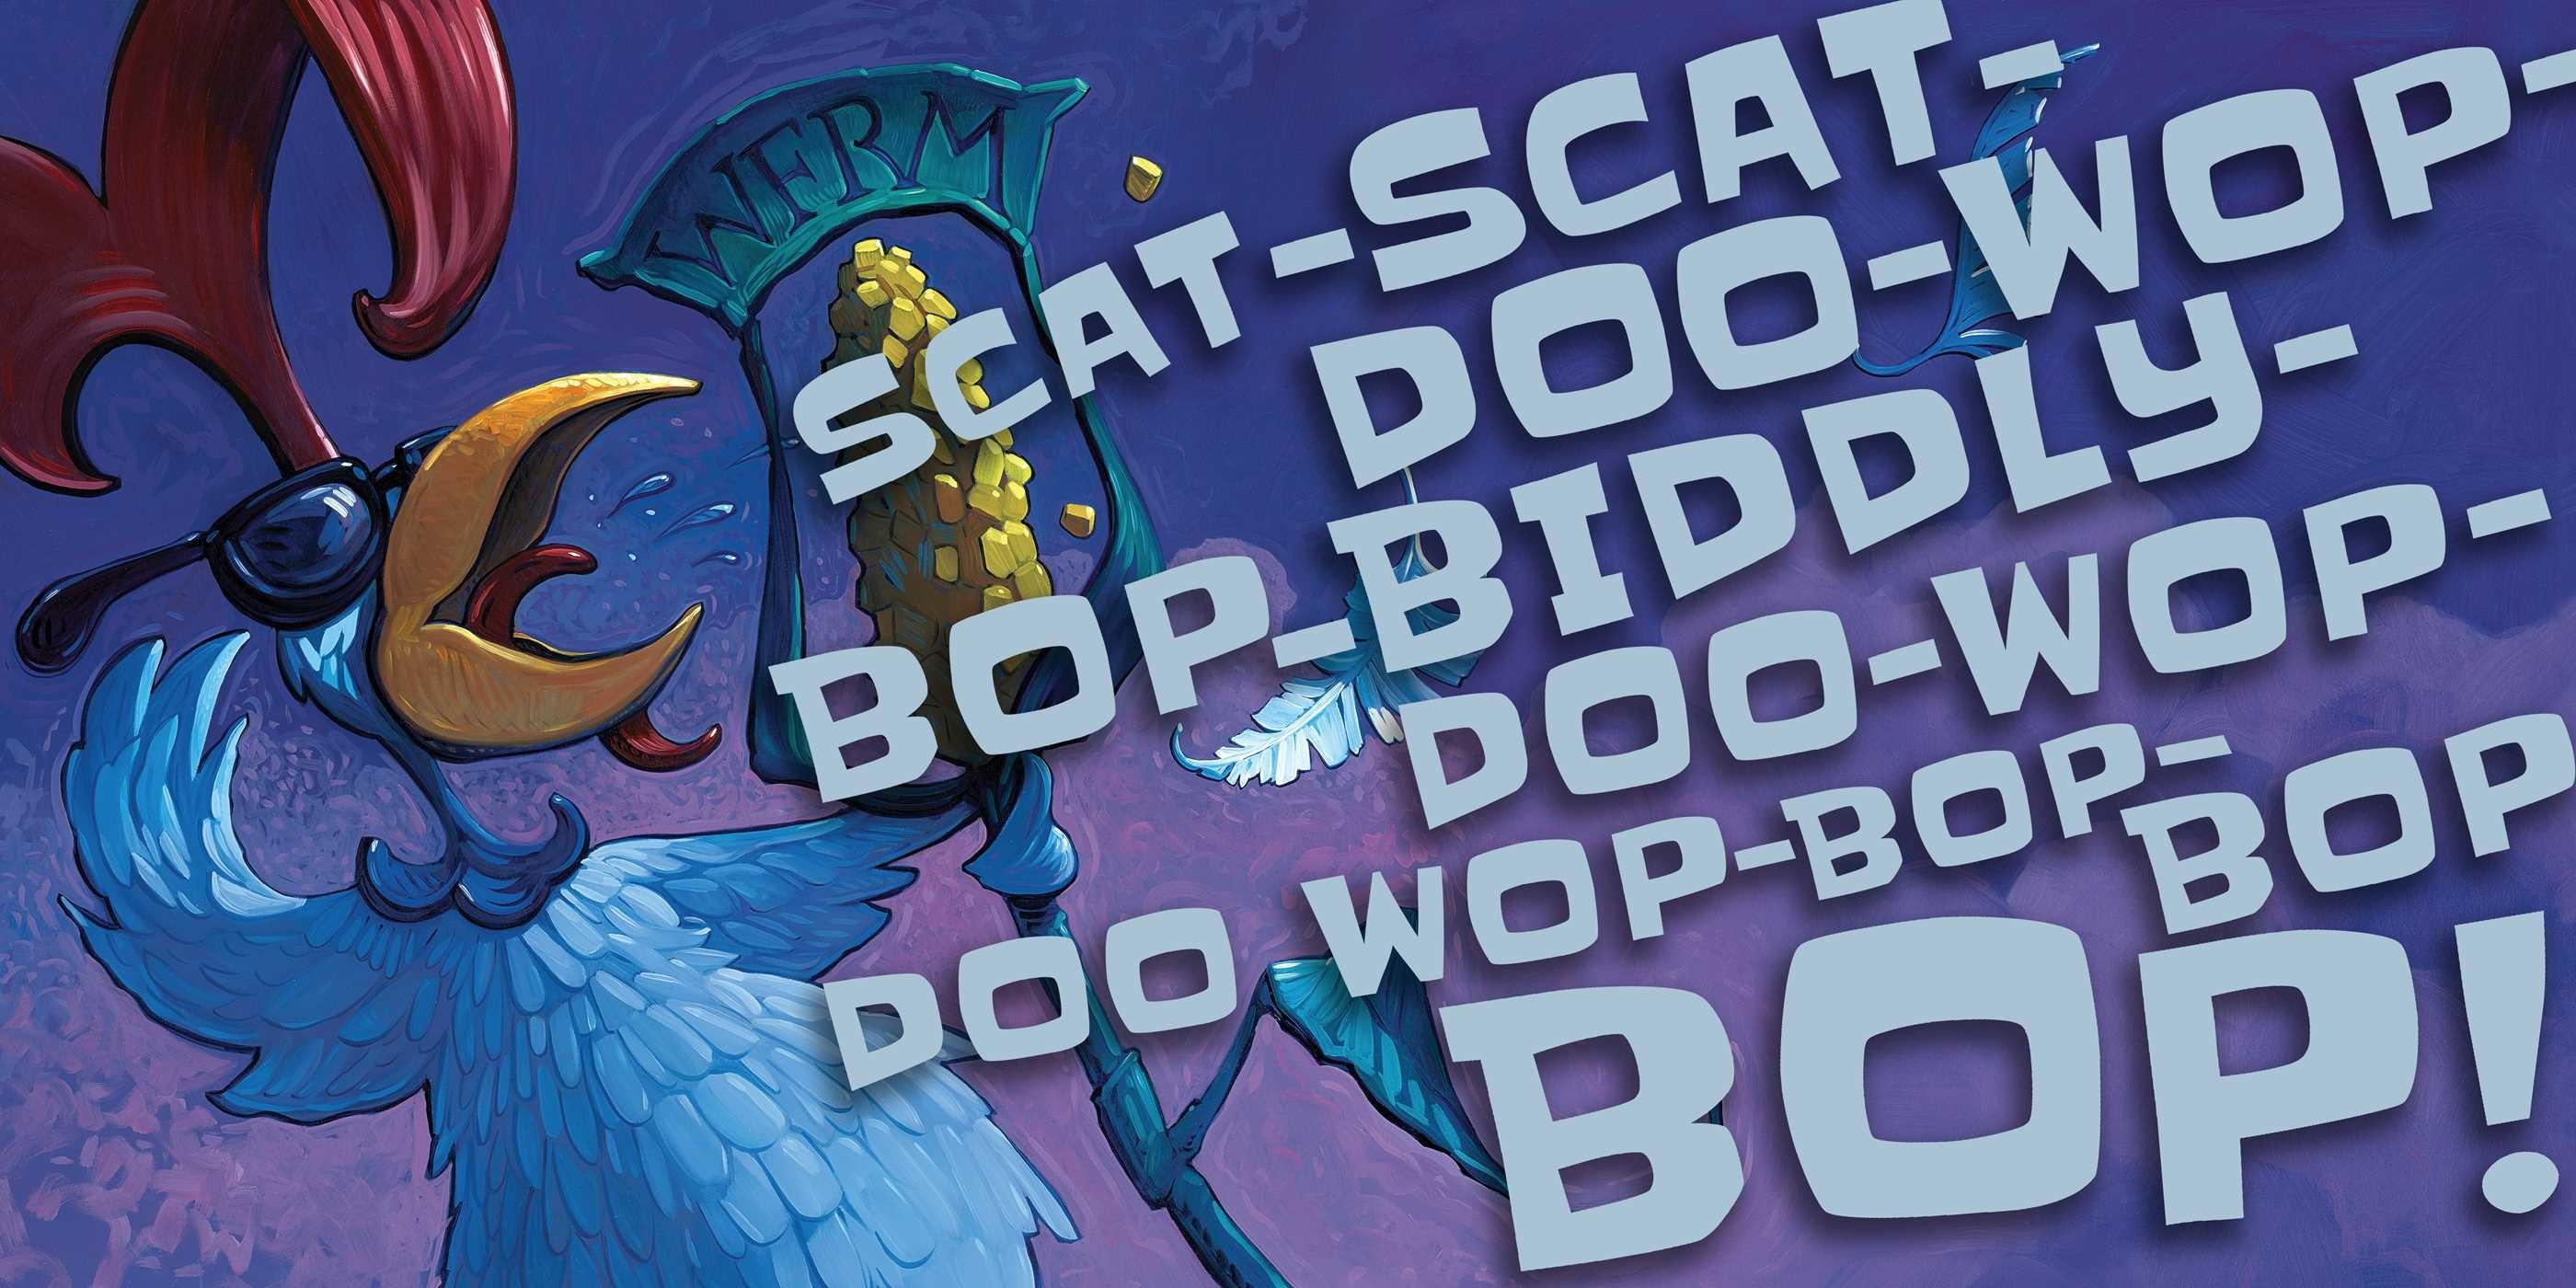 Cock a doodle doo bop 9781442495104.in01